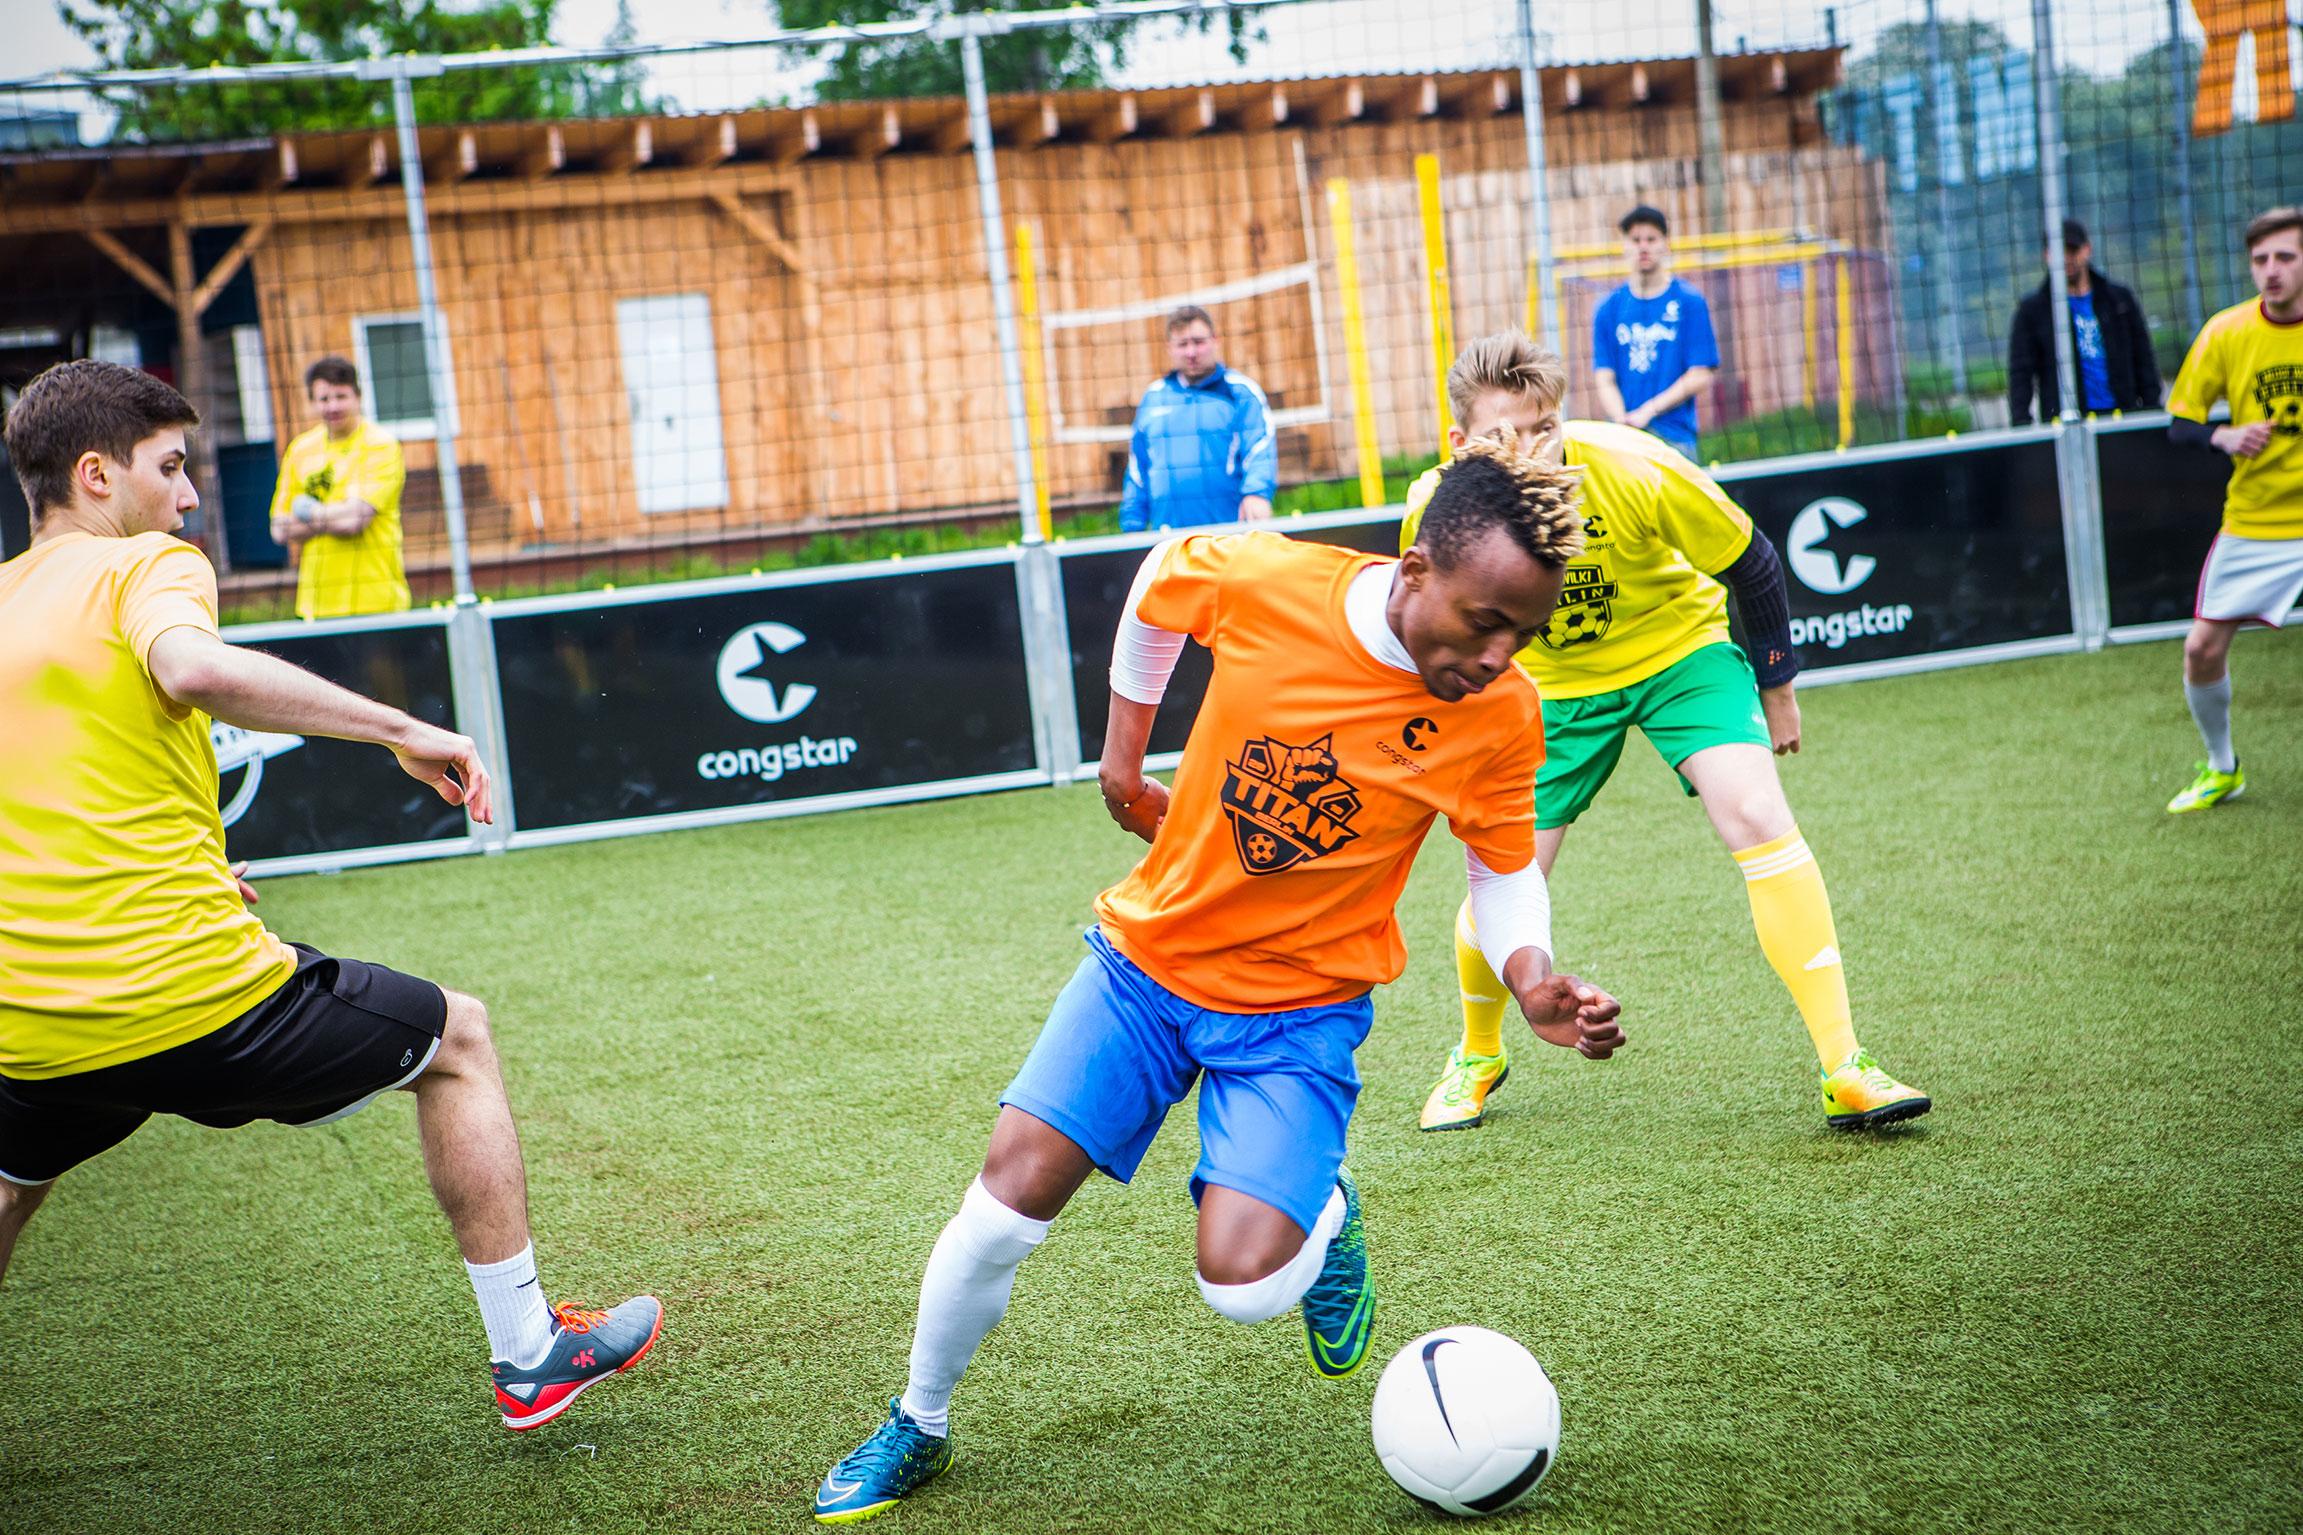 Kiez-Champion, Berlin, Fußball